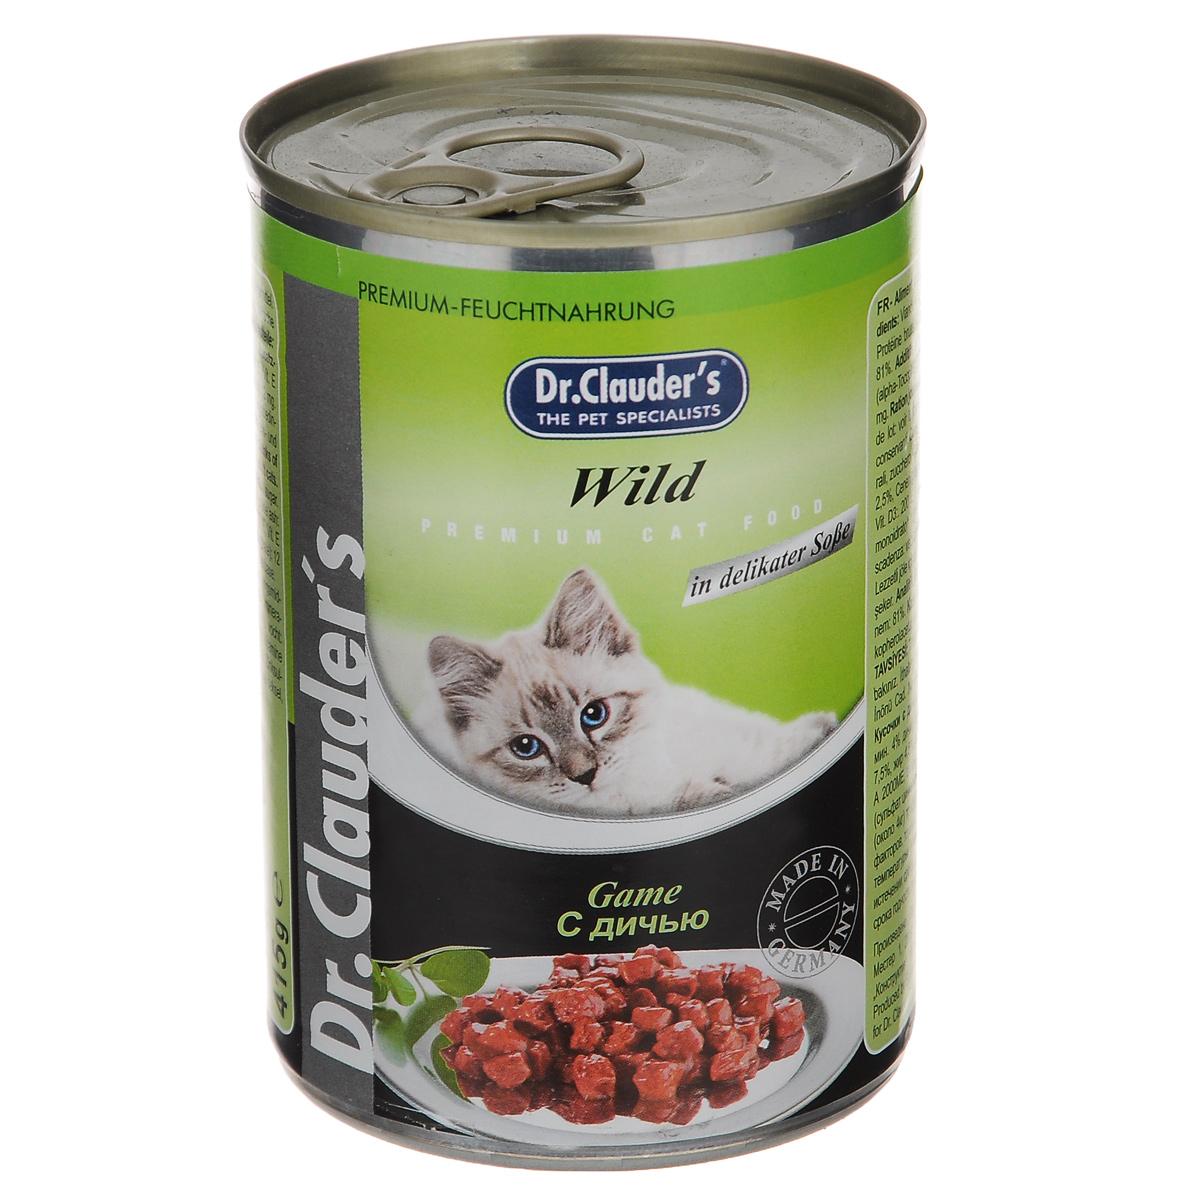 Консервы для кошек Dr. Clauders, с дичью, 415 г20673Консервы для кошек Dr.Clauders - полнорационный корм для взрослых кошек. Кусочки с дичью. Без консервантов и красителей. Состав: мясо и мясные субпродукты (мин. 4% дичи), злаки, минералы, сахар. Содержание питательных веществ: протеин 7,5%, жир 4,5%, зола 2,5%, клетчатка 0,5%, влага 81%.Пищевые добавки (на 1 кг): витамин А 20000 МЕ, витамин D3 200 МЕ, витамин Е (альфа-токоферол) 20 мг, таурин 350 мг, цинк 12 мг. Товар сертифицирован.